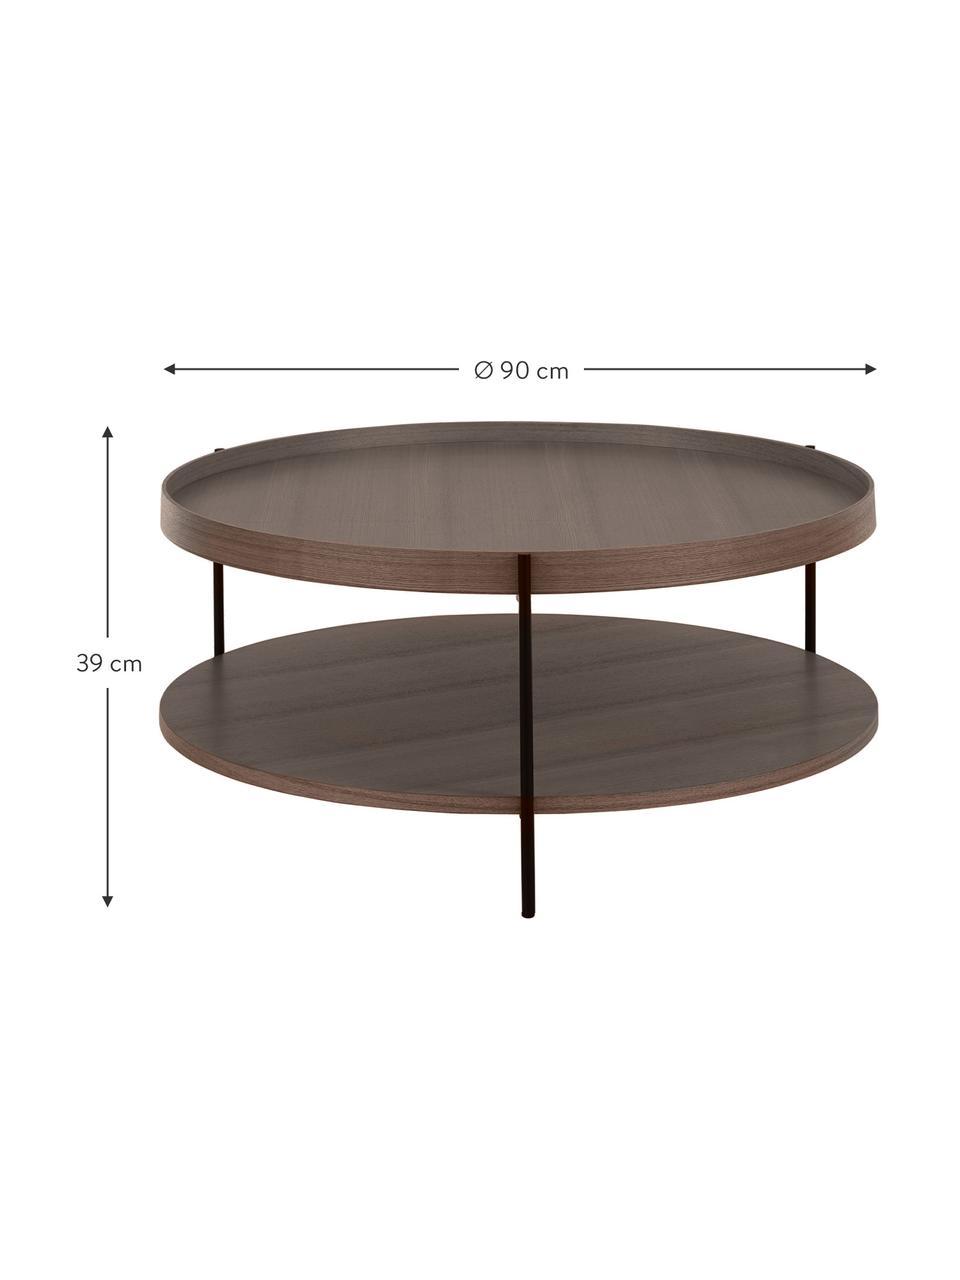 Großer Couchtisch Renee mit Ablagefach, Gestell: Metall, pulverbeschichtet, Braun, Ø 90 x H 39 cm